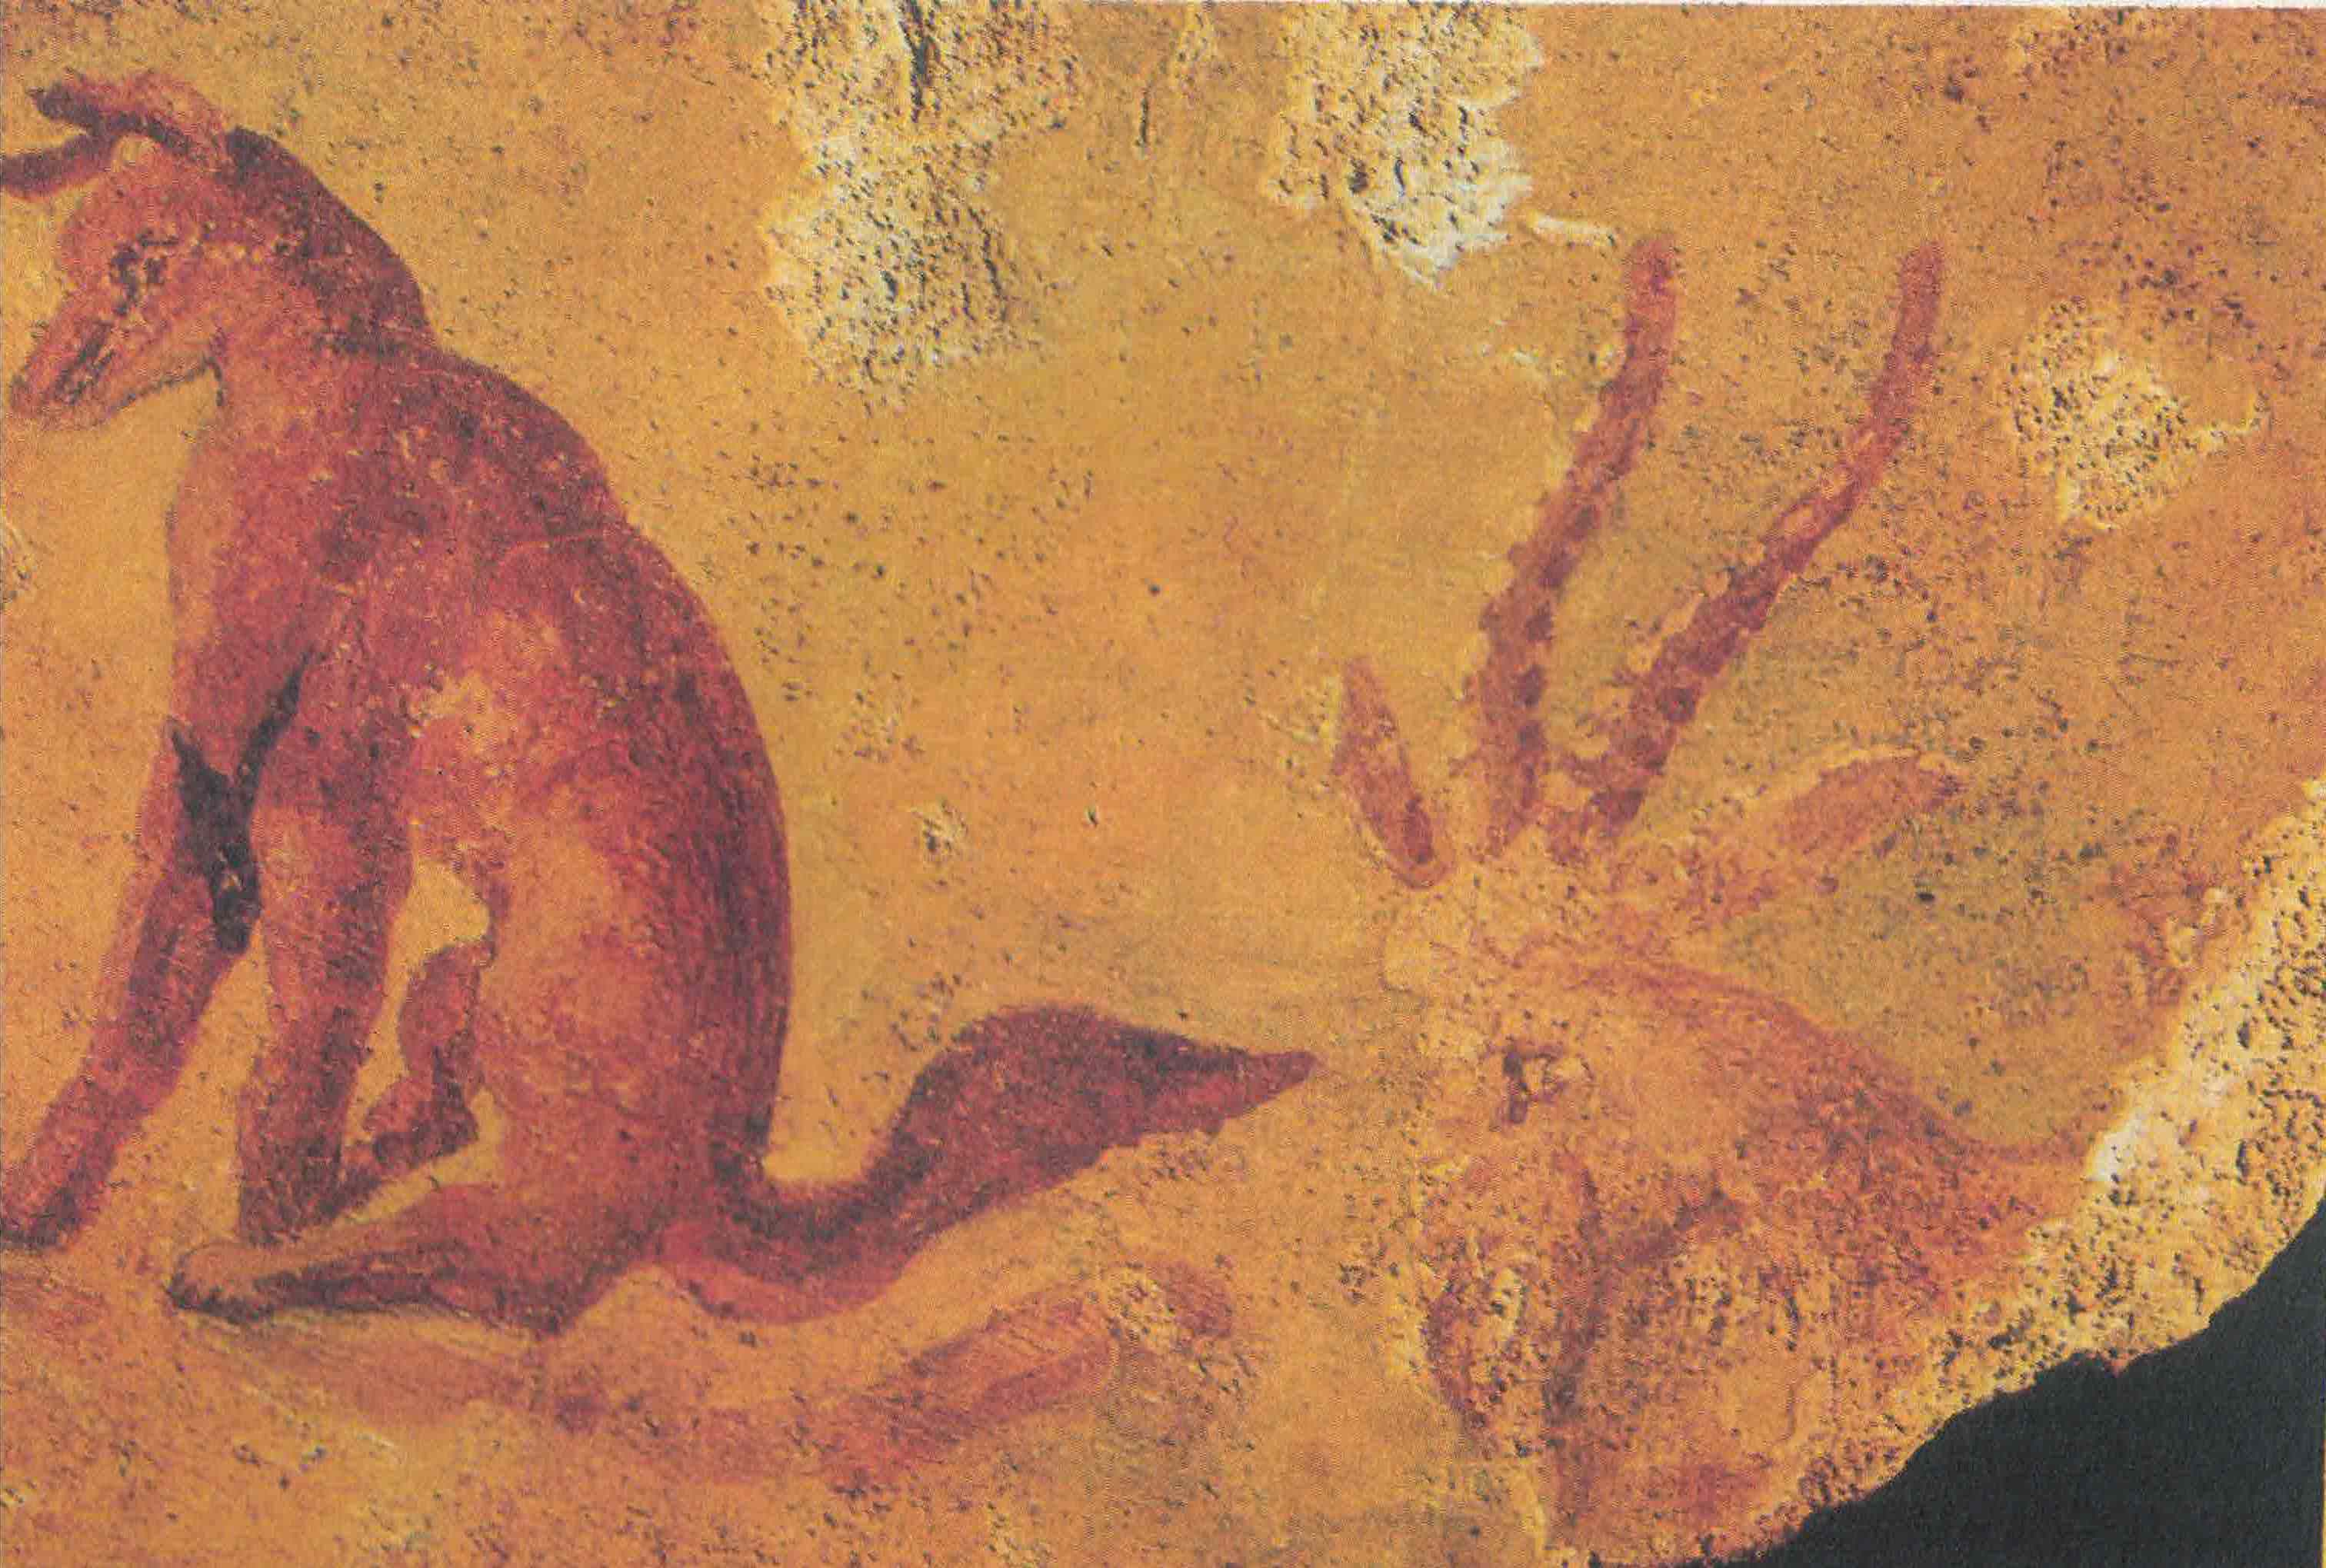 Figura 1 - Cena da raposa e o antílope (primeira metade do séc. II d.C). Colônia, Museu Romano-Germânico